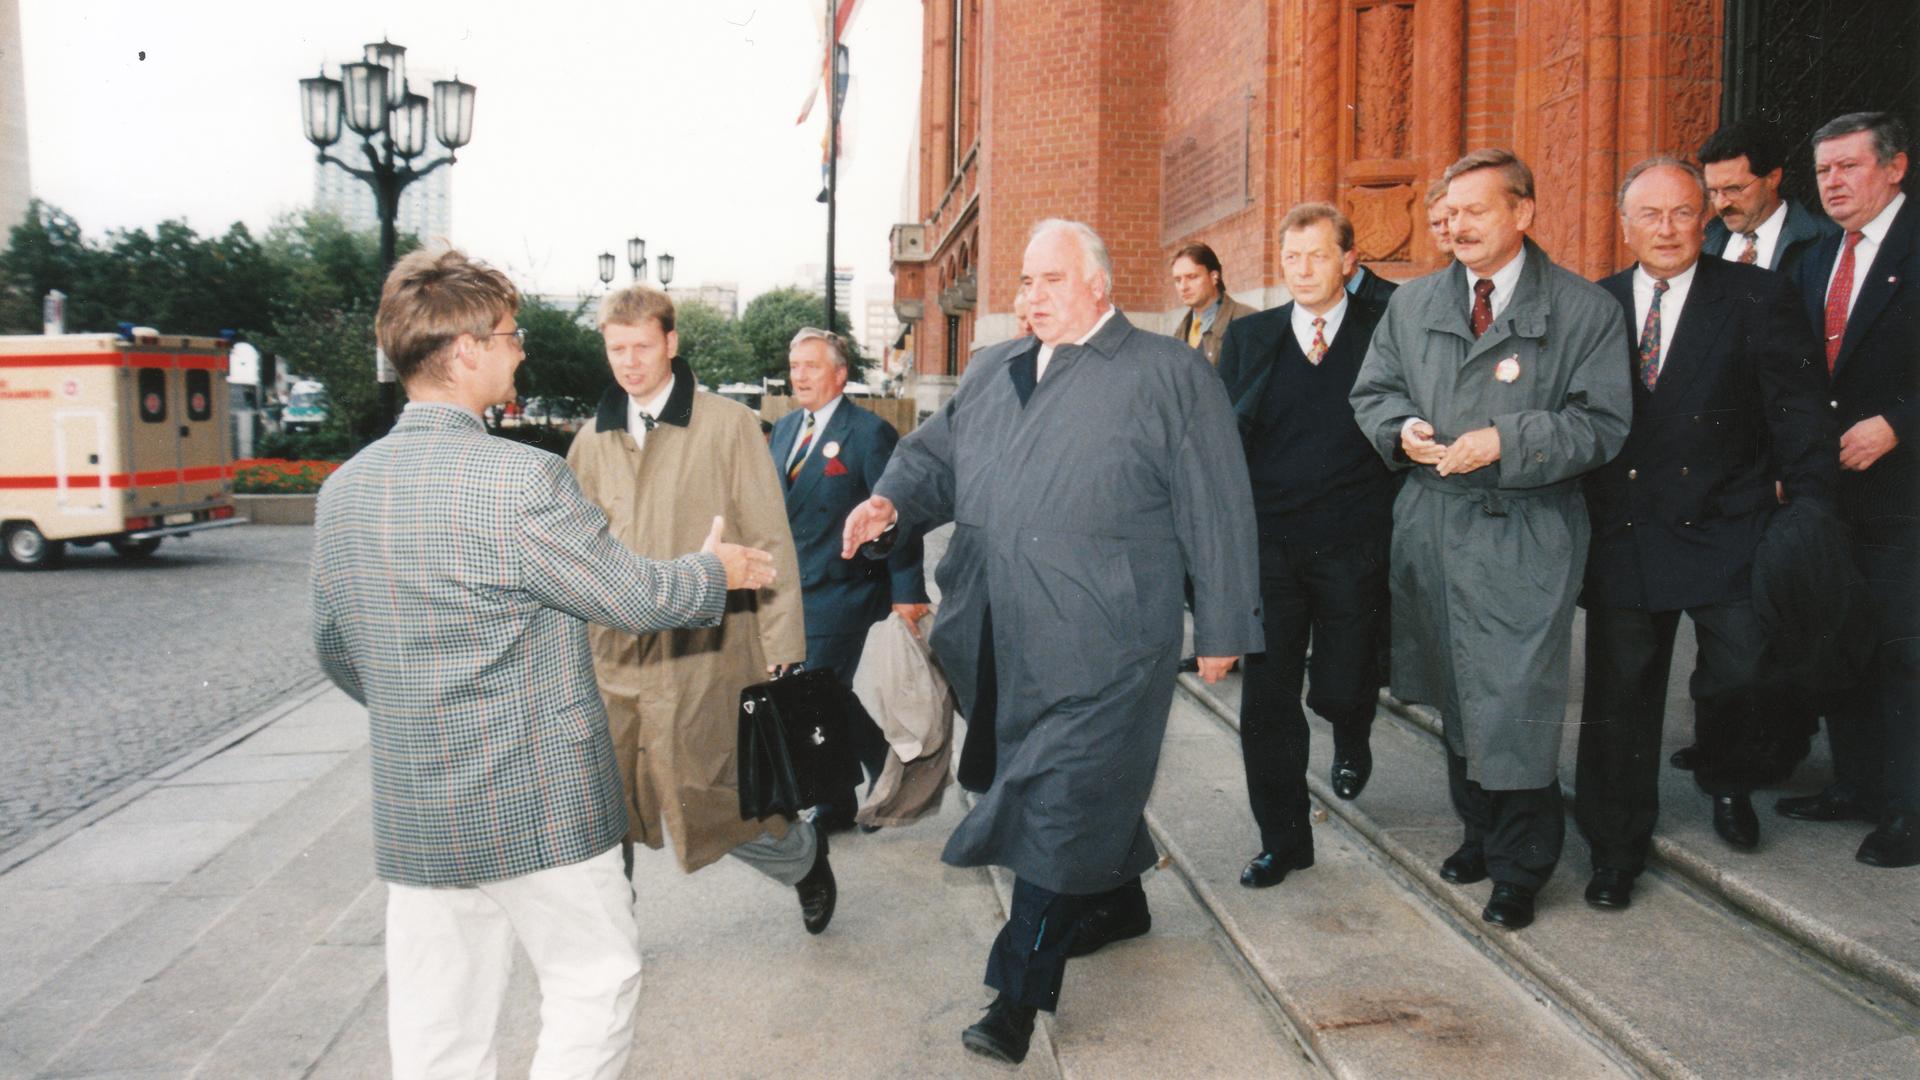 Im August 1998 begrüßte der damalige Bundeskanzler Helmut Kohl den Politikredakteur Christoph Irion in Berlin zu einem Fototermin mit anschließendem Interview